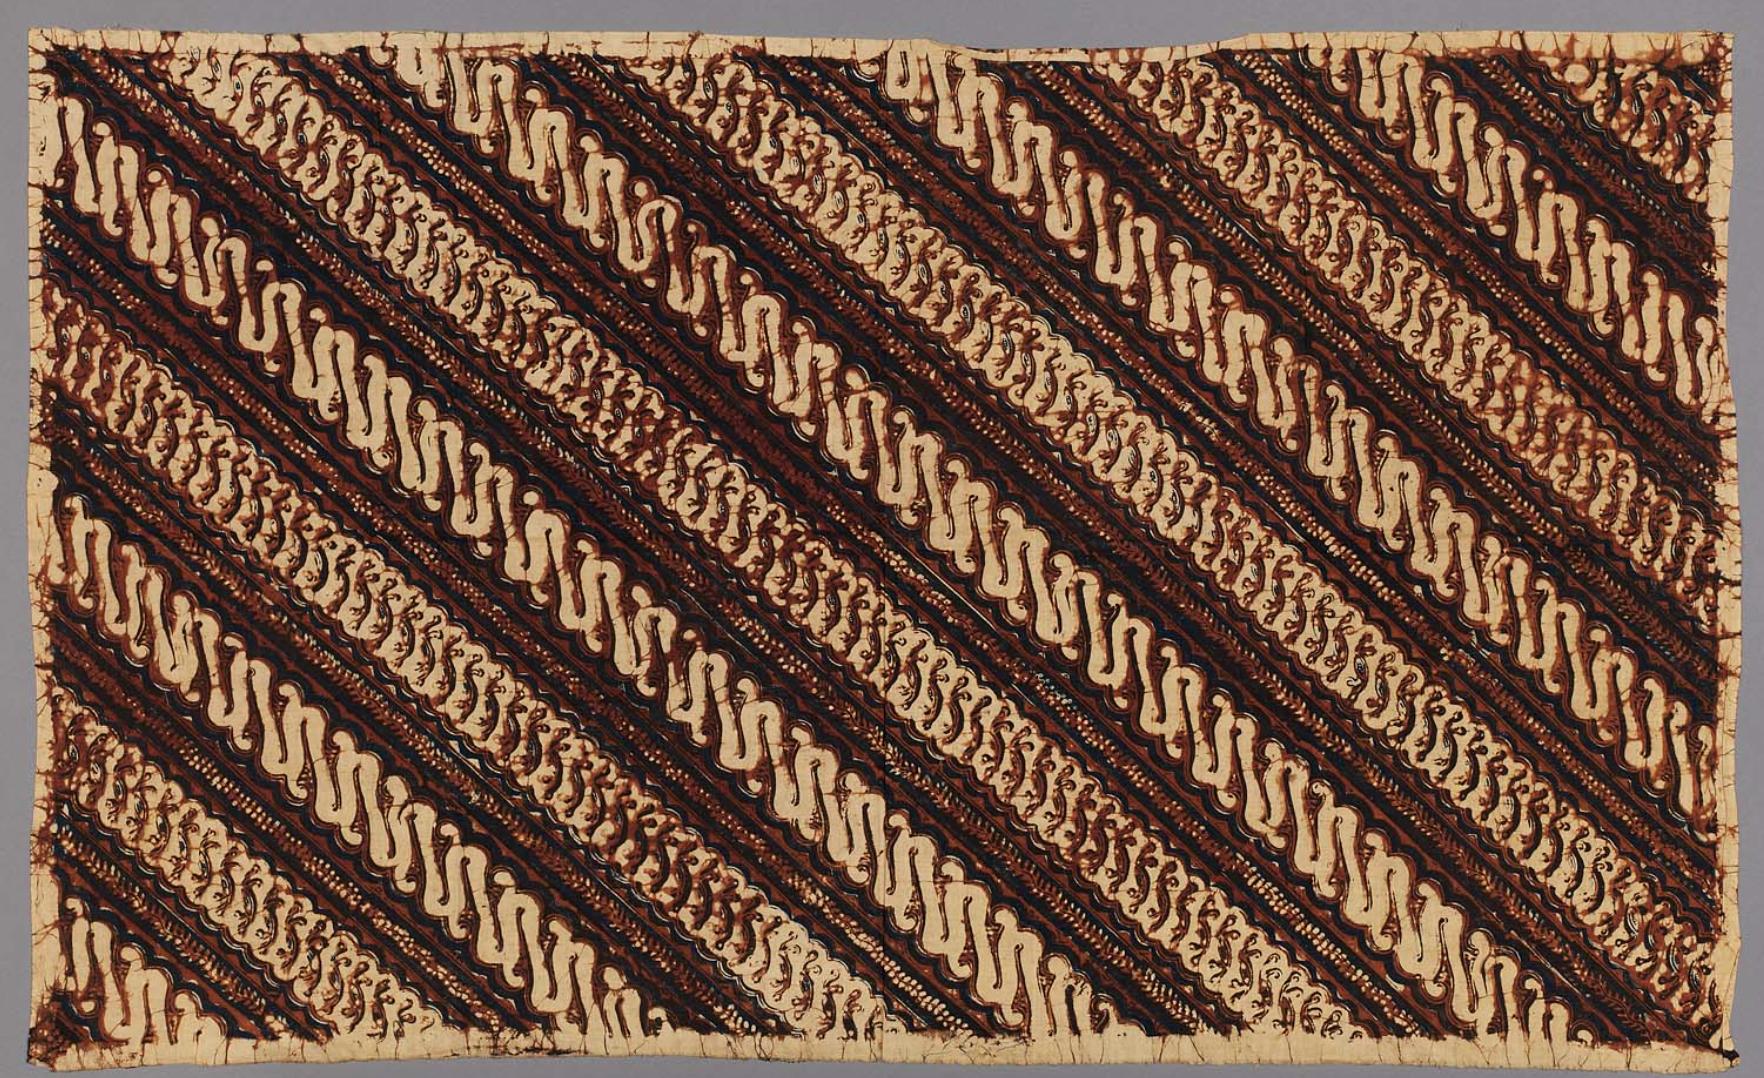 Indonesian (Javanese) Batik Tjap Batik Stamped using the